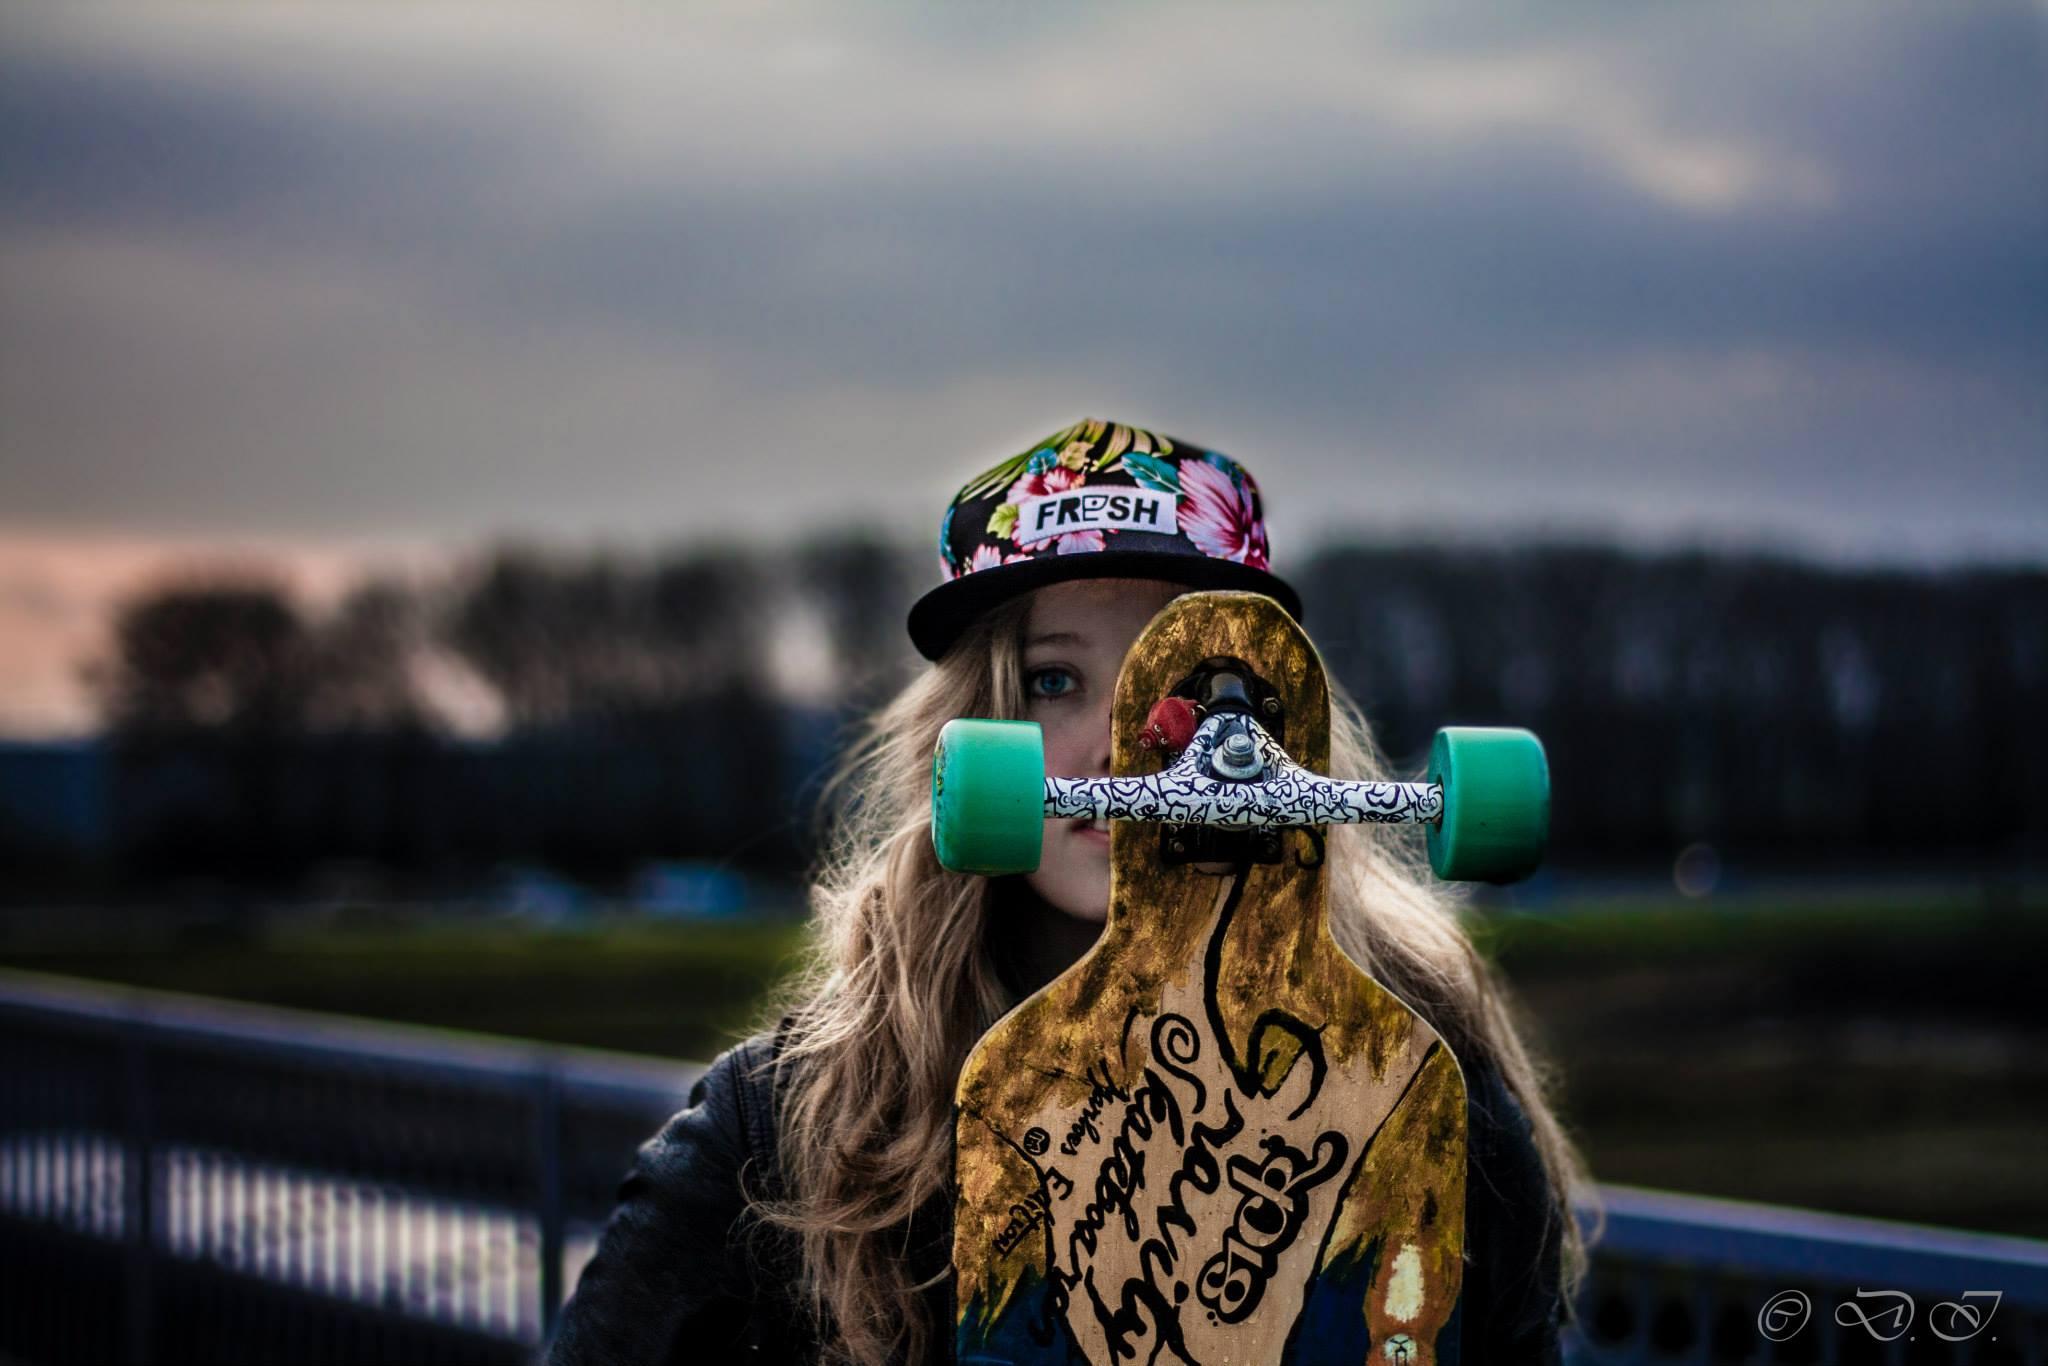 meisje met longboard voor haar gezicht